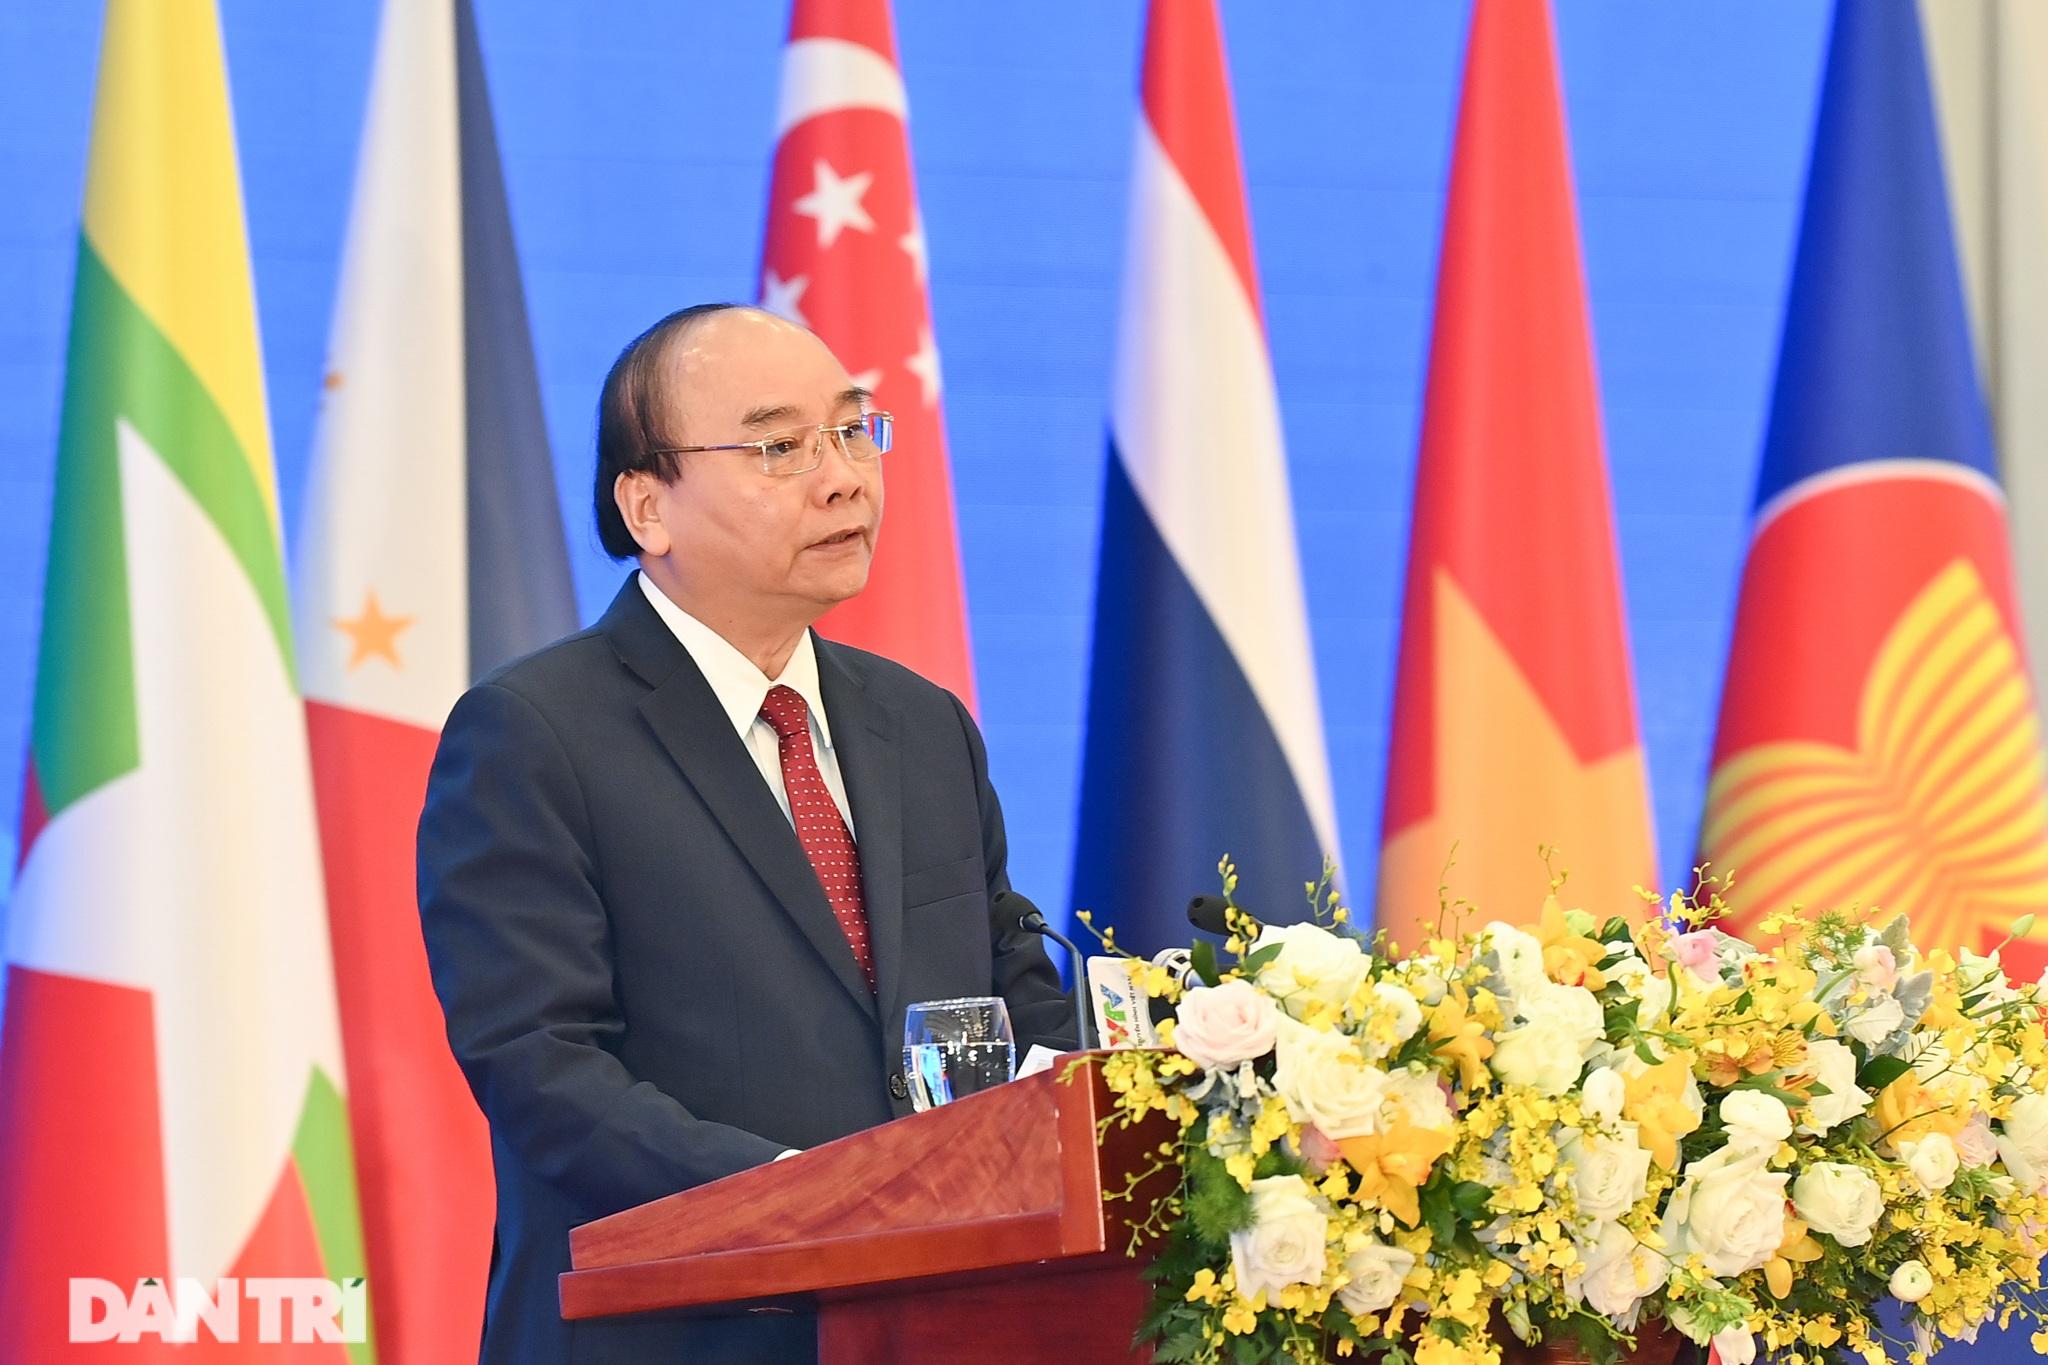 Lãnh đạo Đảng, Nhà nước dự khai mạc Hội nghị cấp cao ASEAN - 12